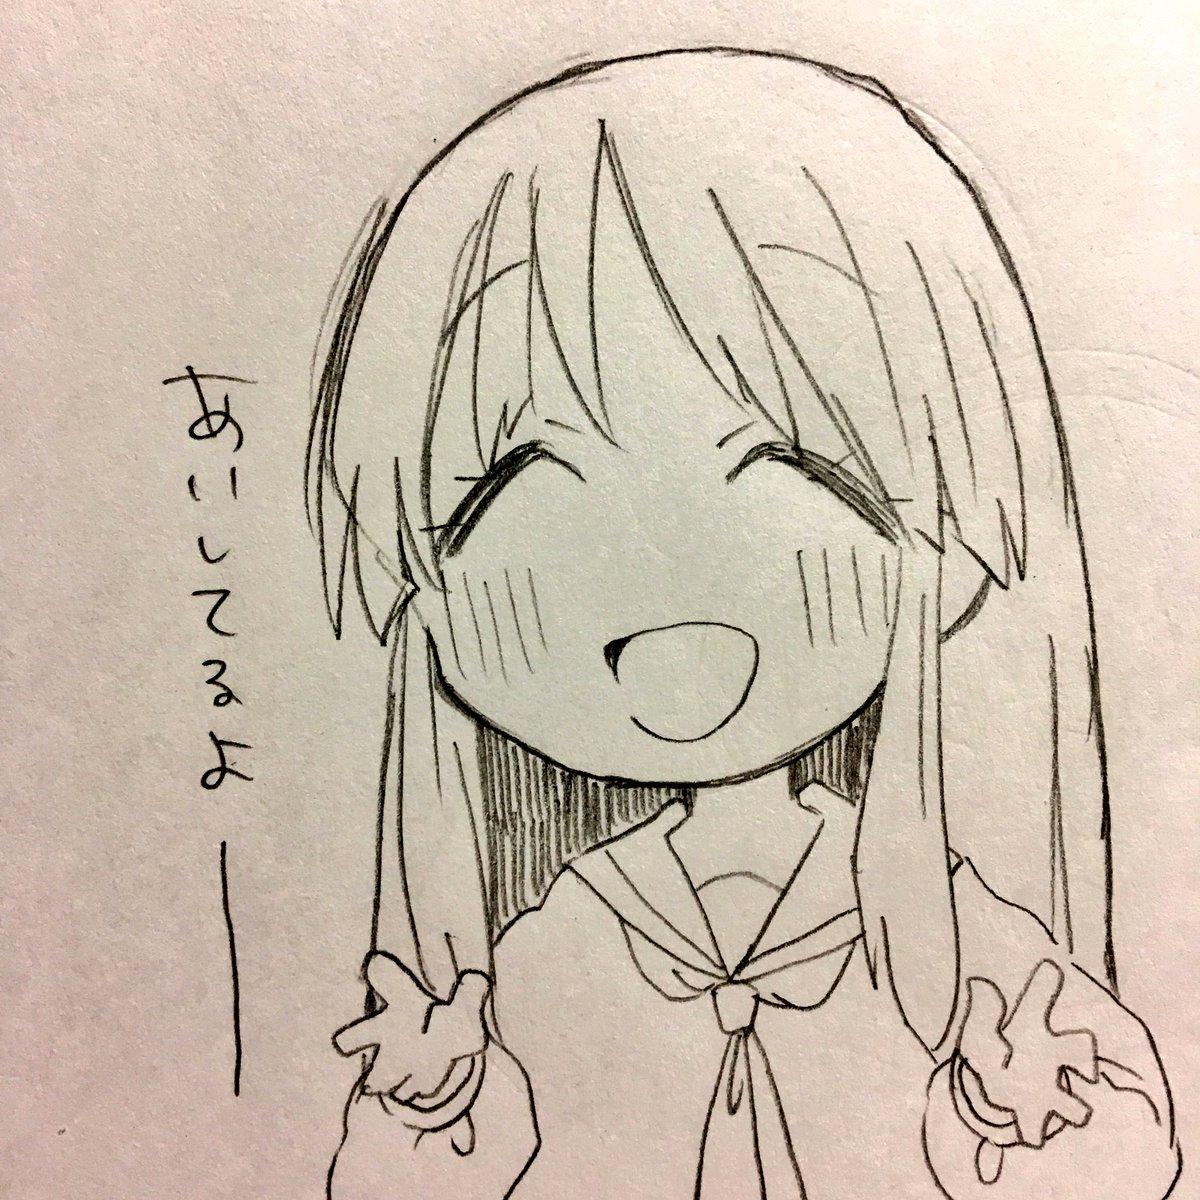 縁ちゃーーーーーーーんァーーーー!ゆゆ式すきすきーー(;▽;)